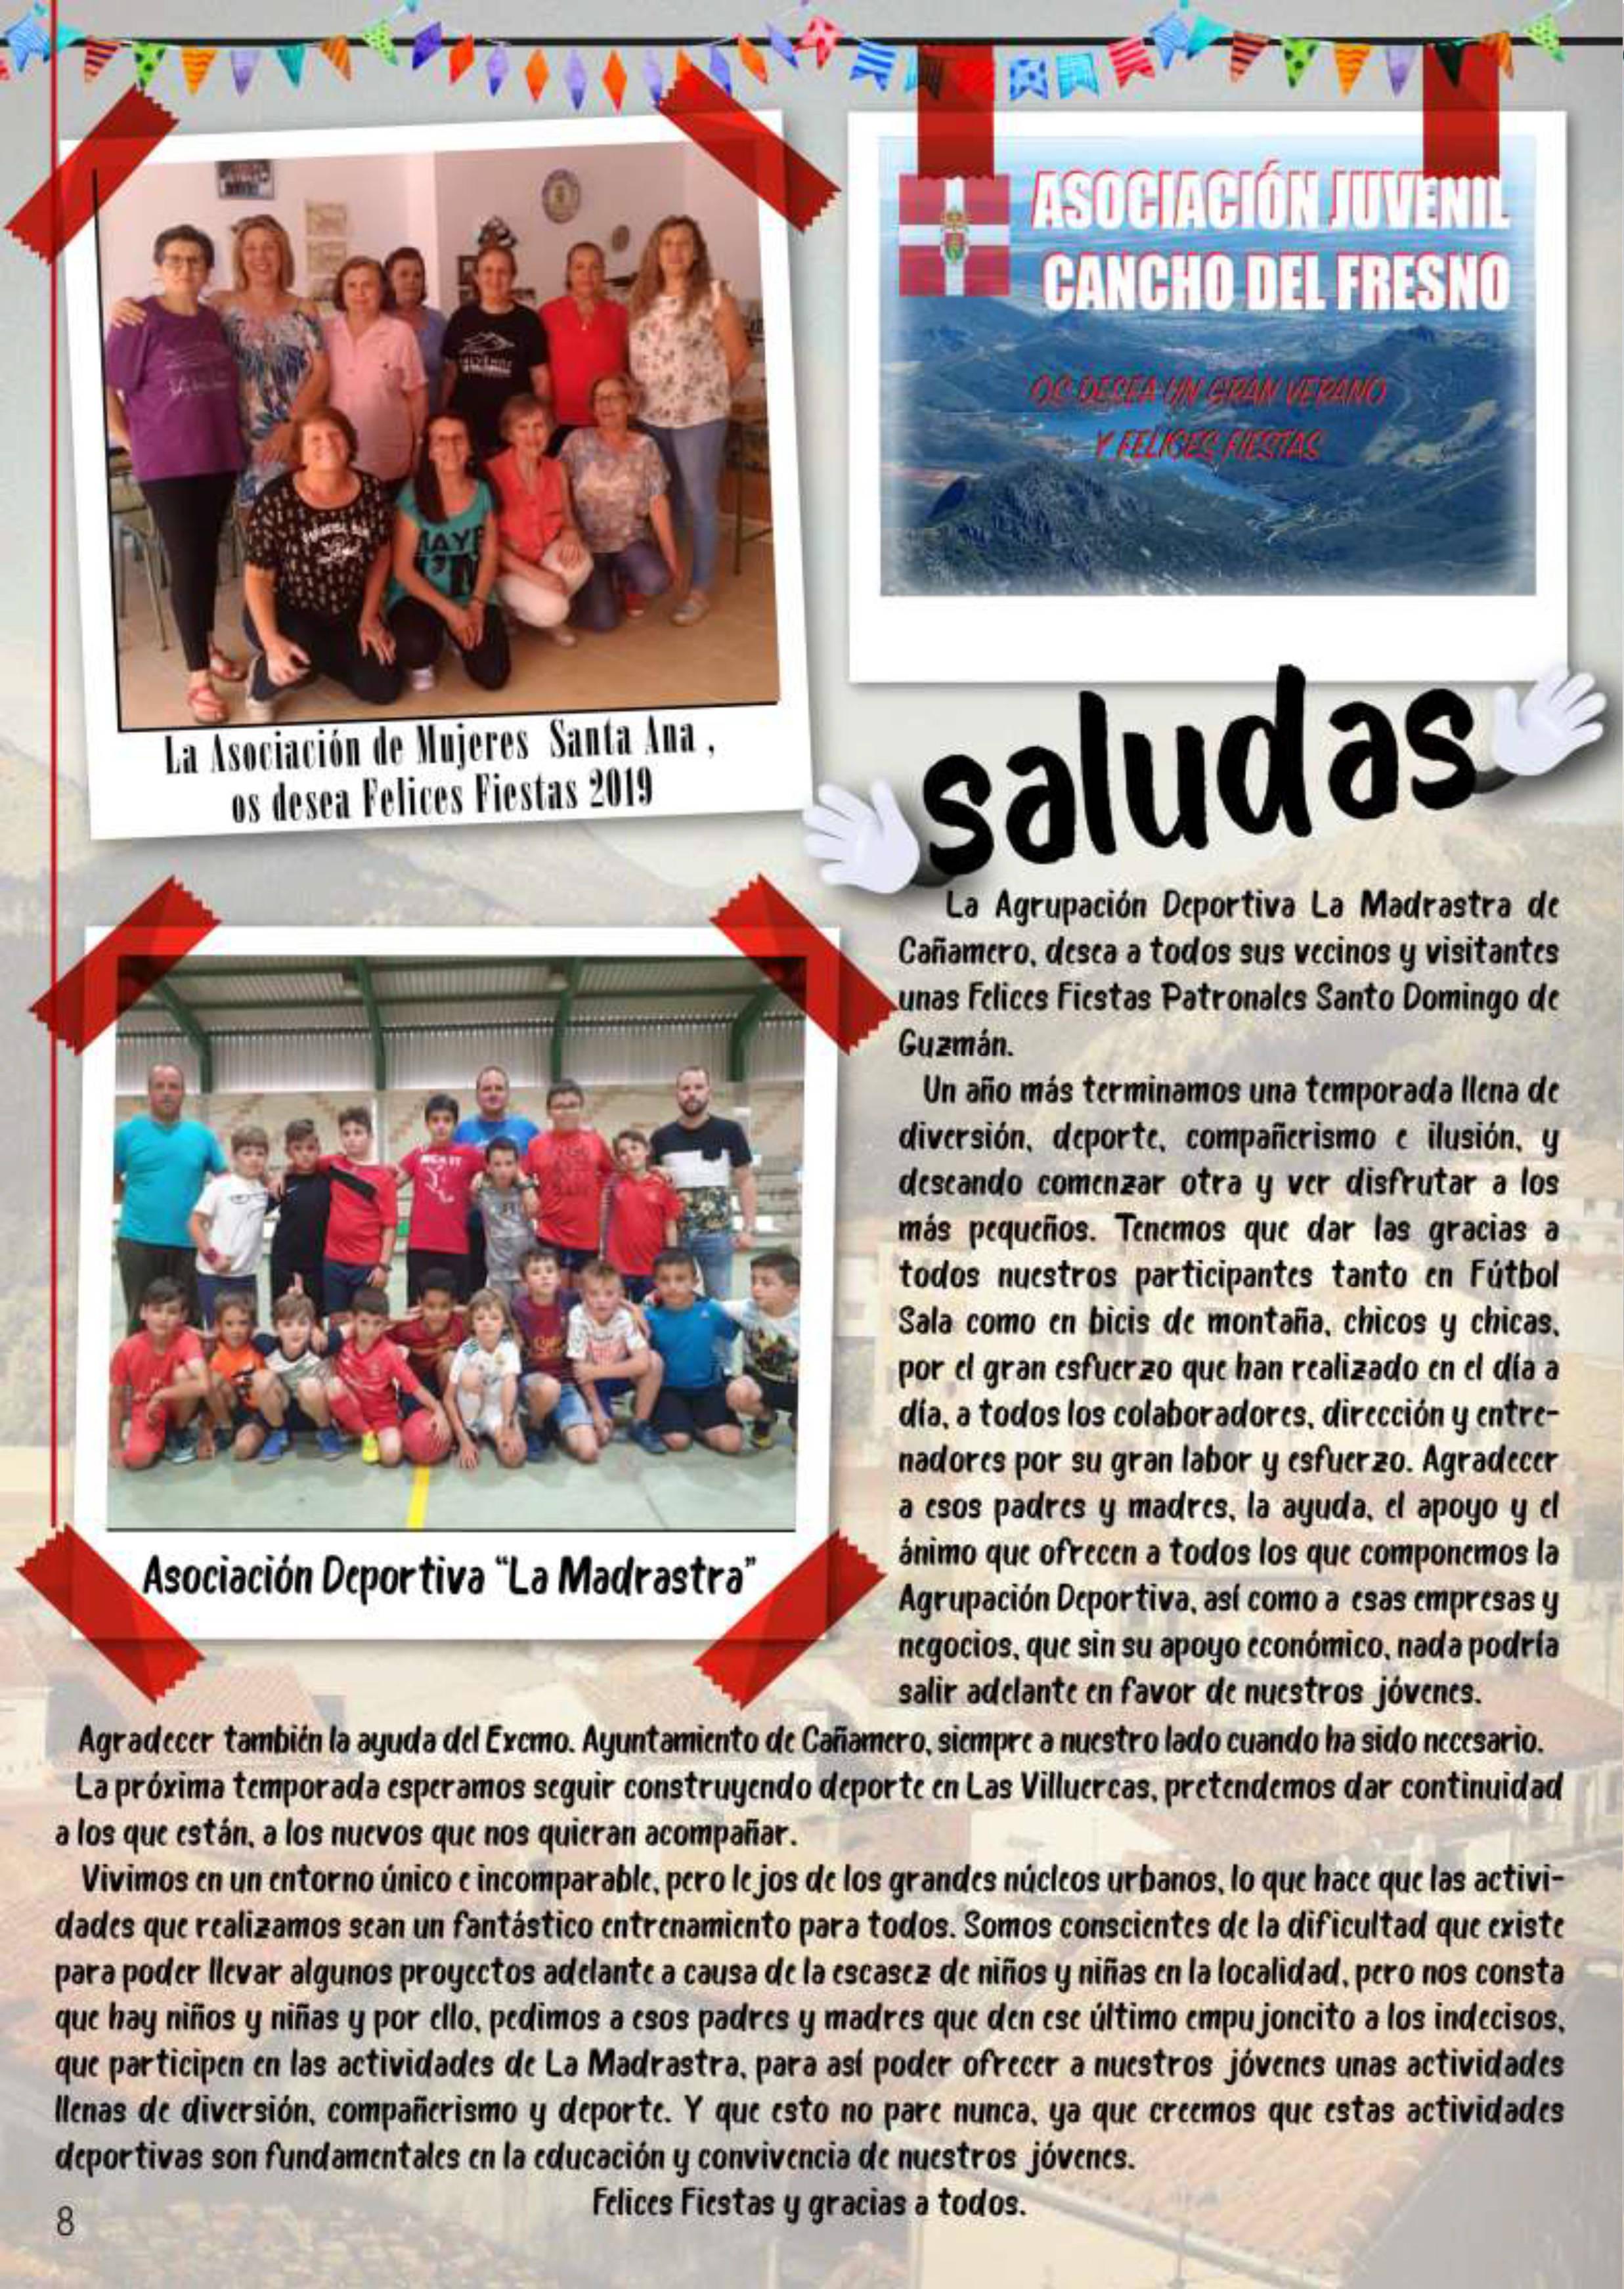 Programa de fiestas patronales 2019 - Cañamero (Cáceres) 6